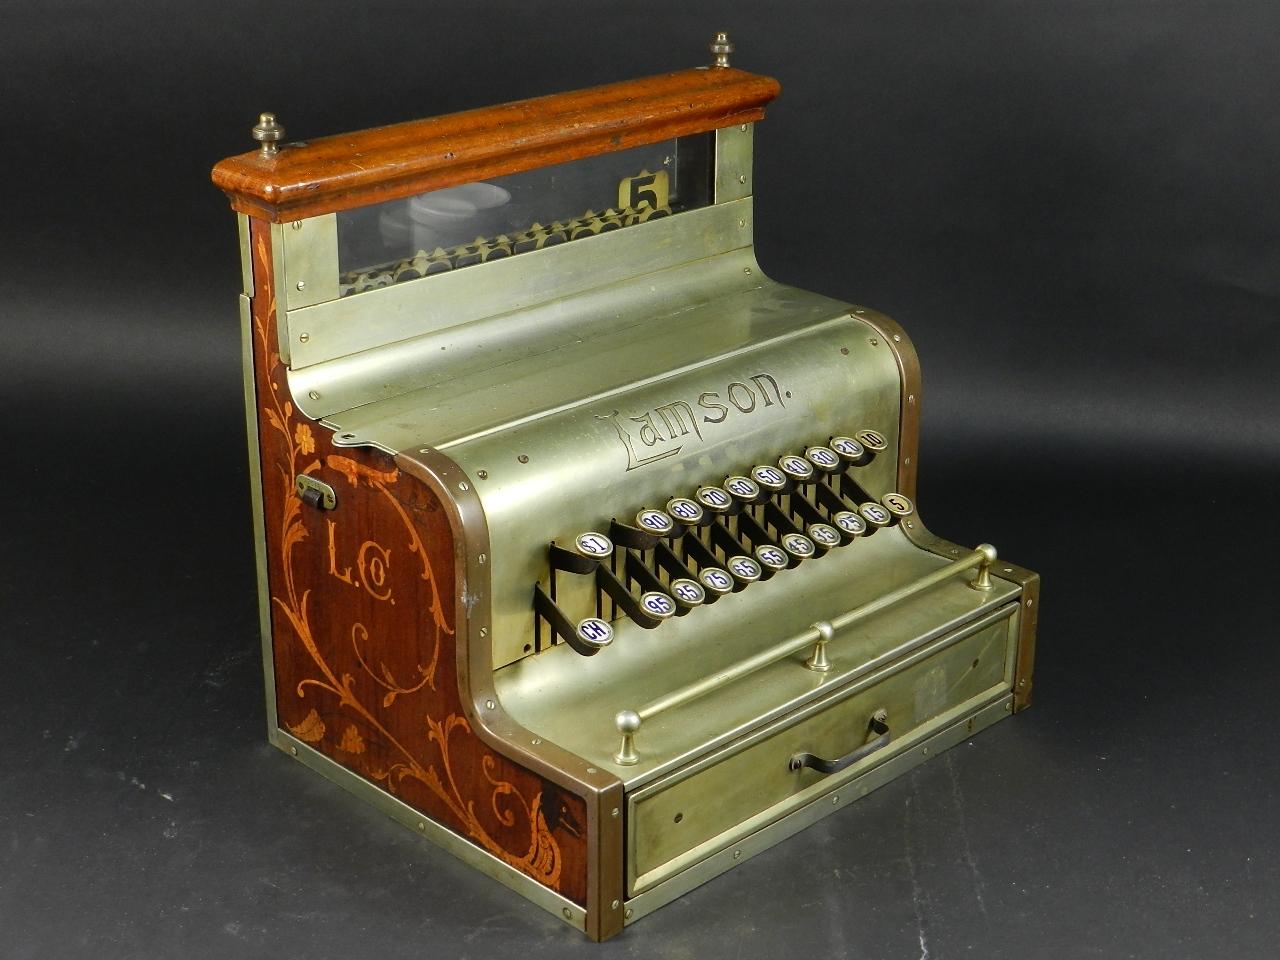 Imagen REGISTRADORA LAMSON Mod.10  AÑO 1895 37845